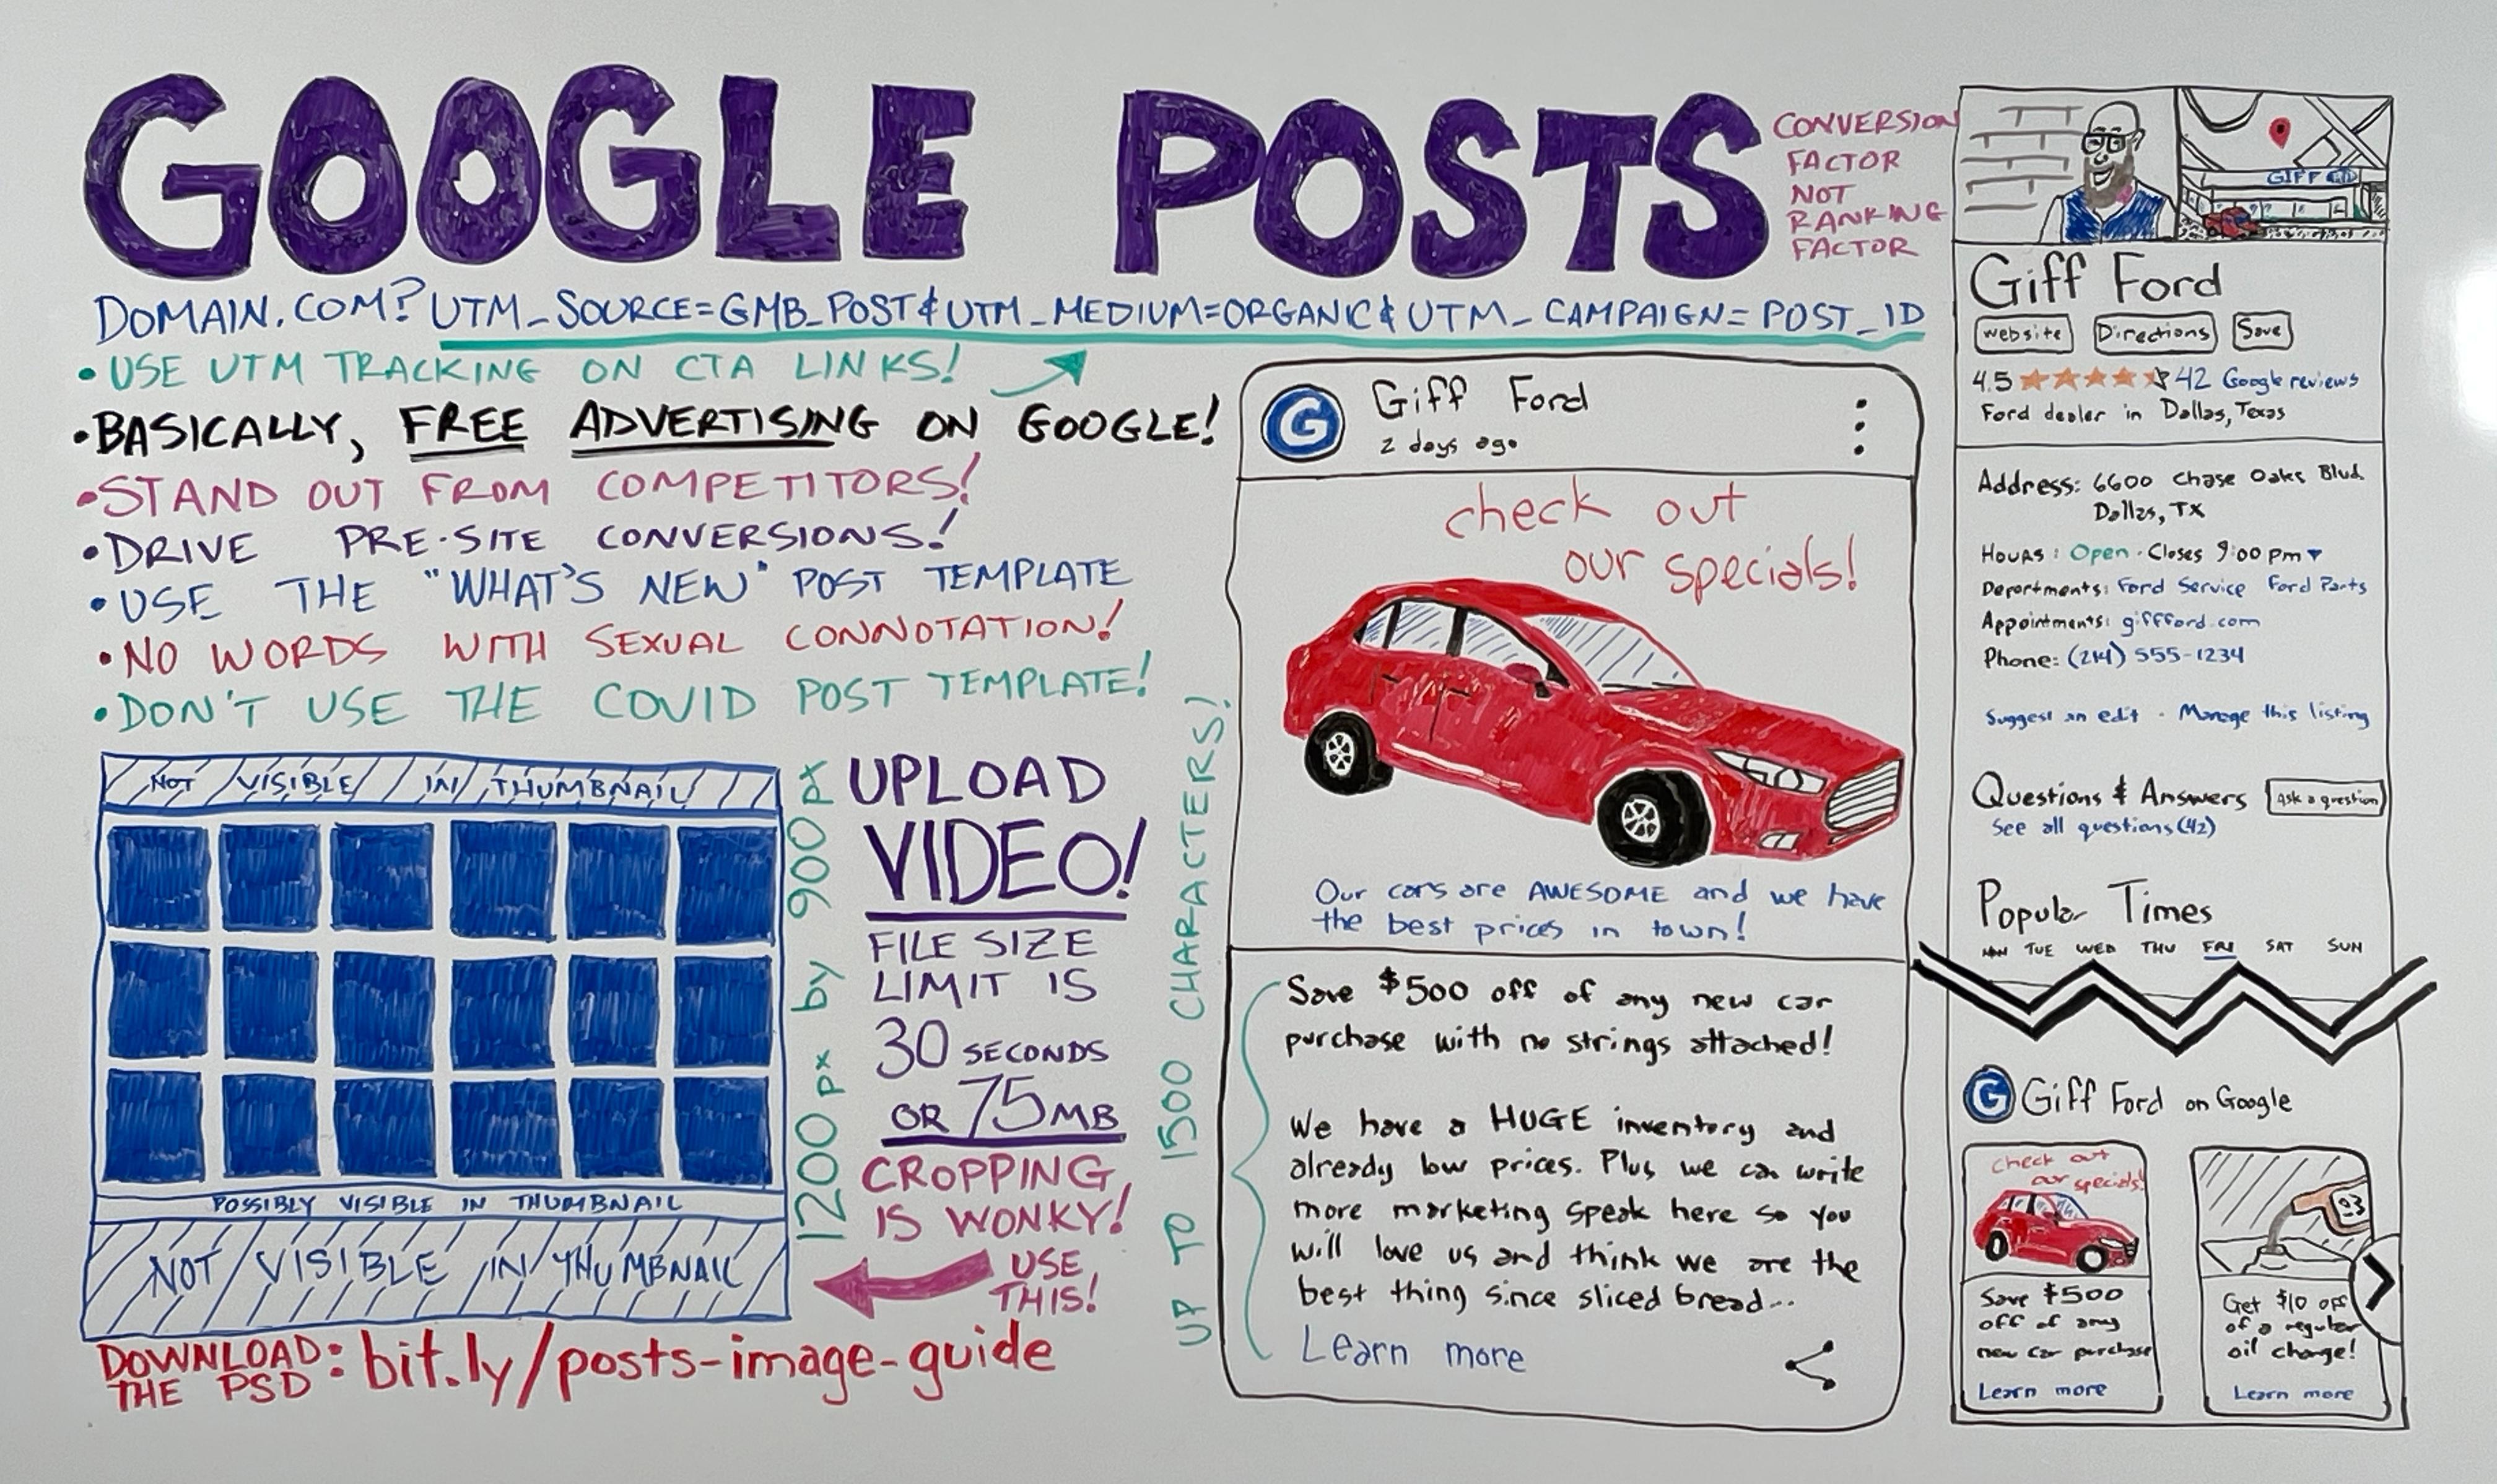 عکس Google Posts: عامل تبدیل - عامل رتبه بندی نشده است